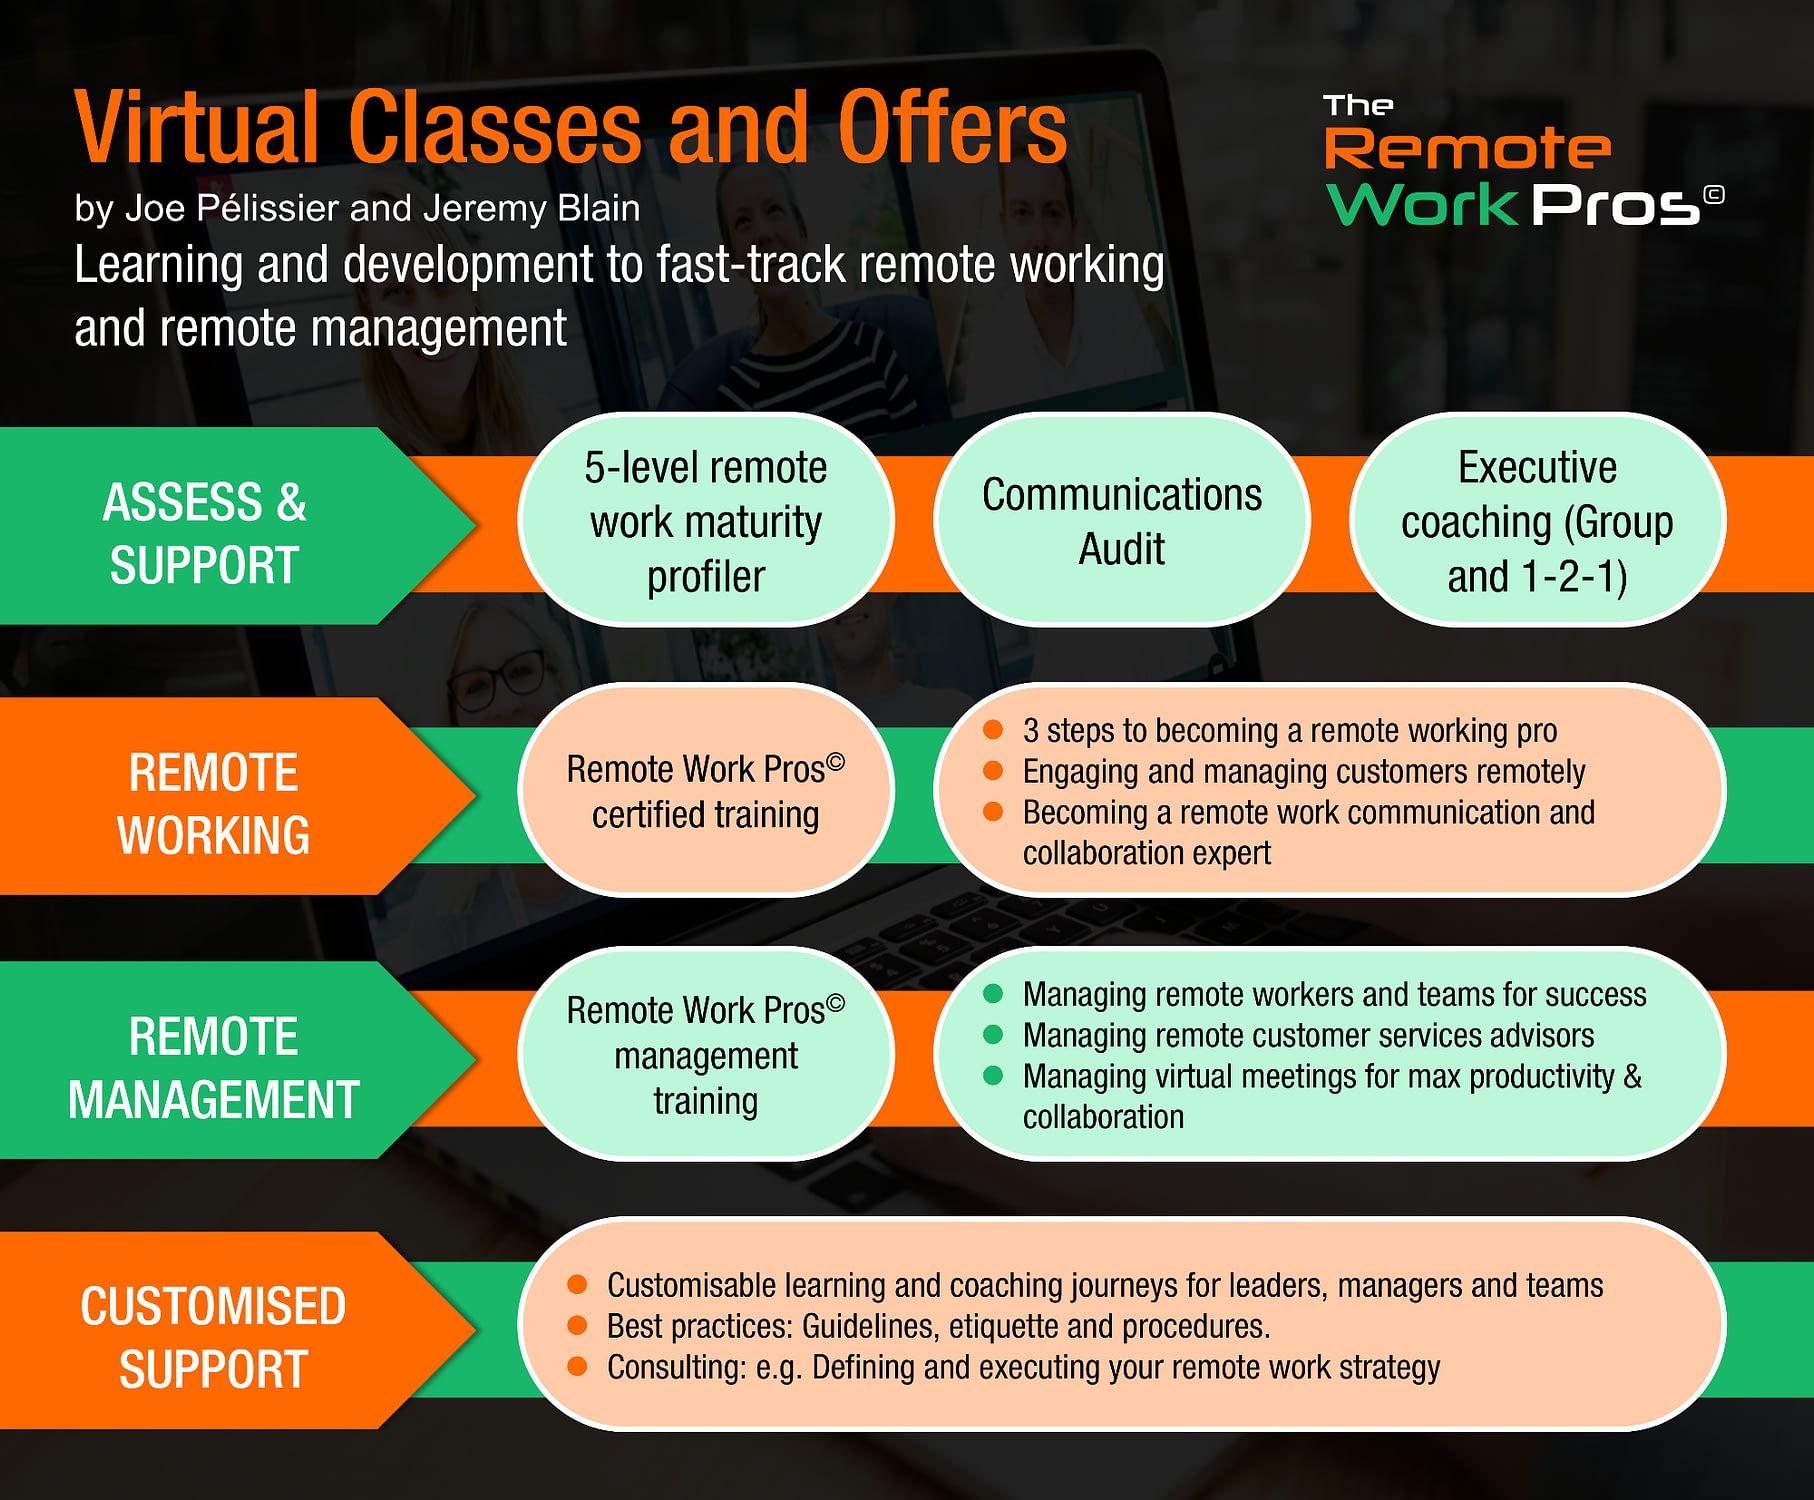 remote work pro classes